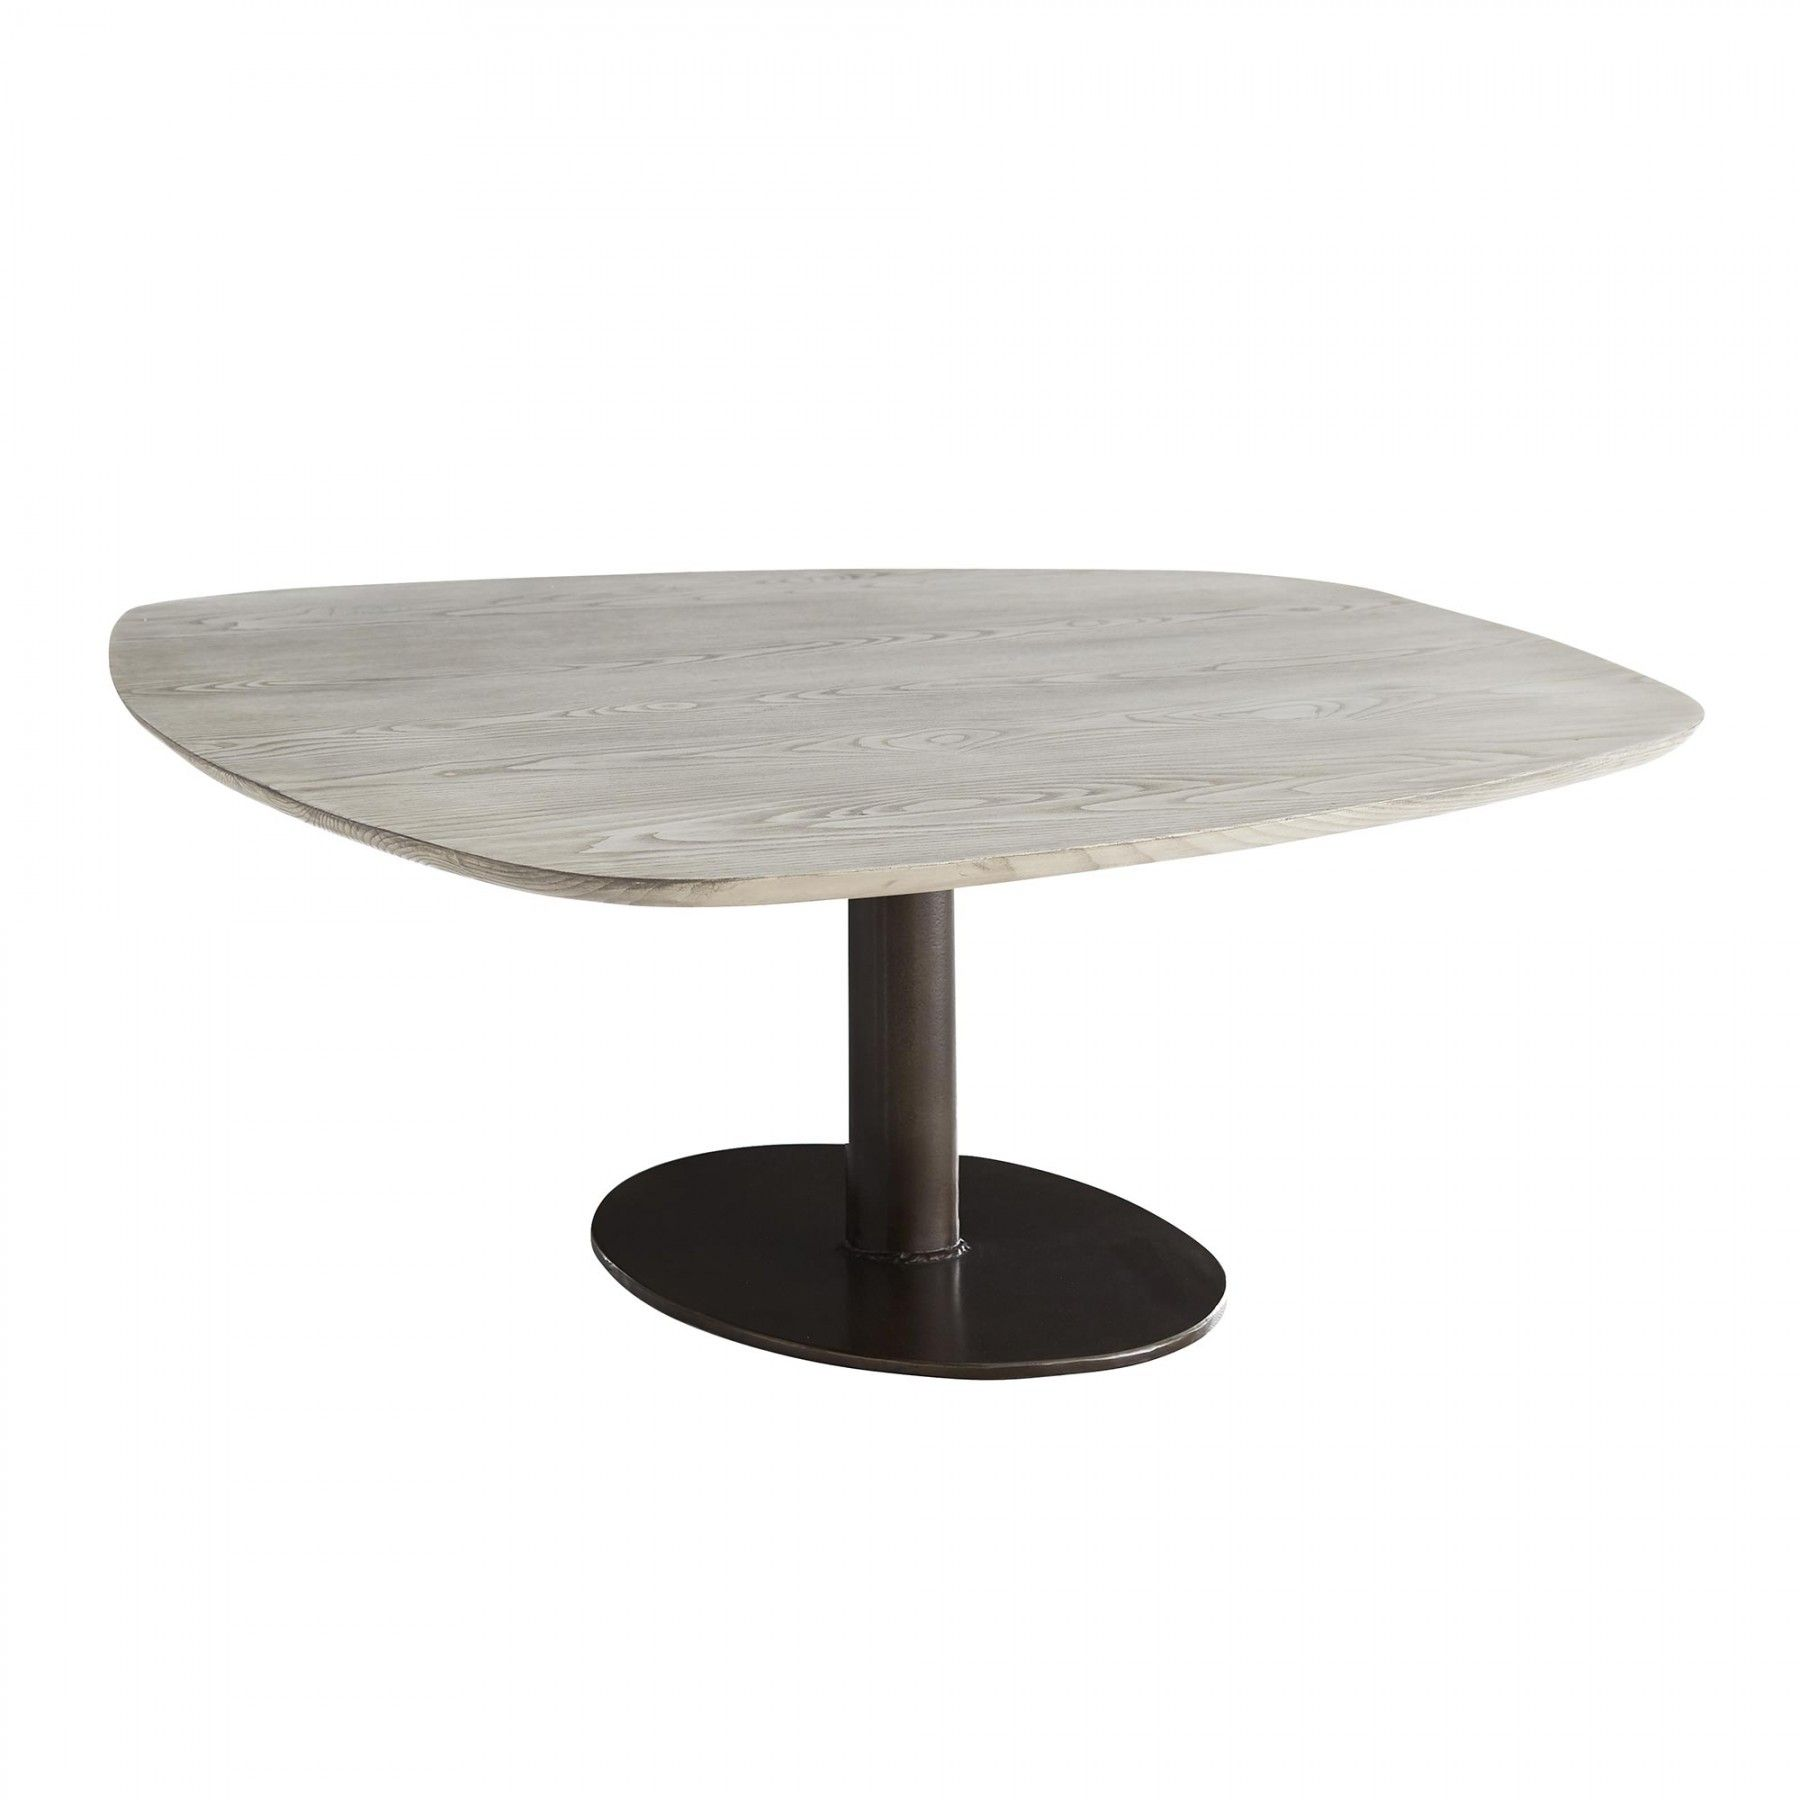 Kenton Small Coffee Table Tables Cocktail Table Pinterest  # Meuble Tv Kenton